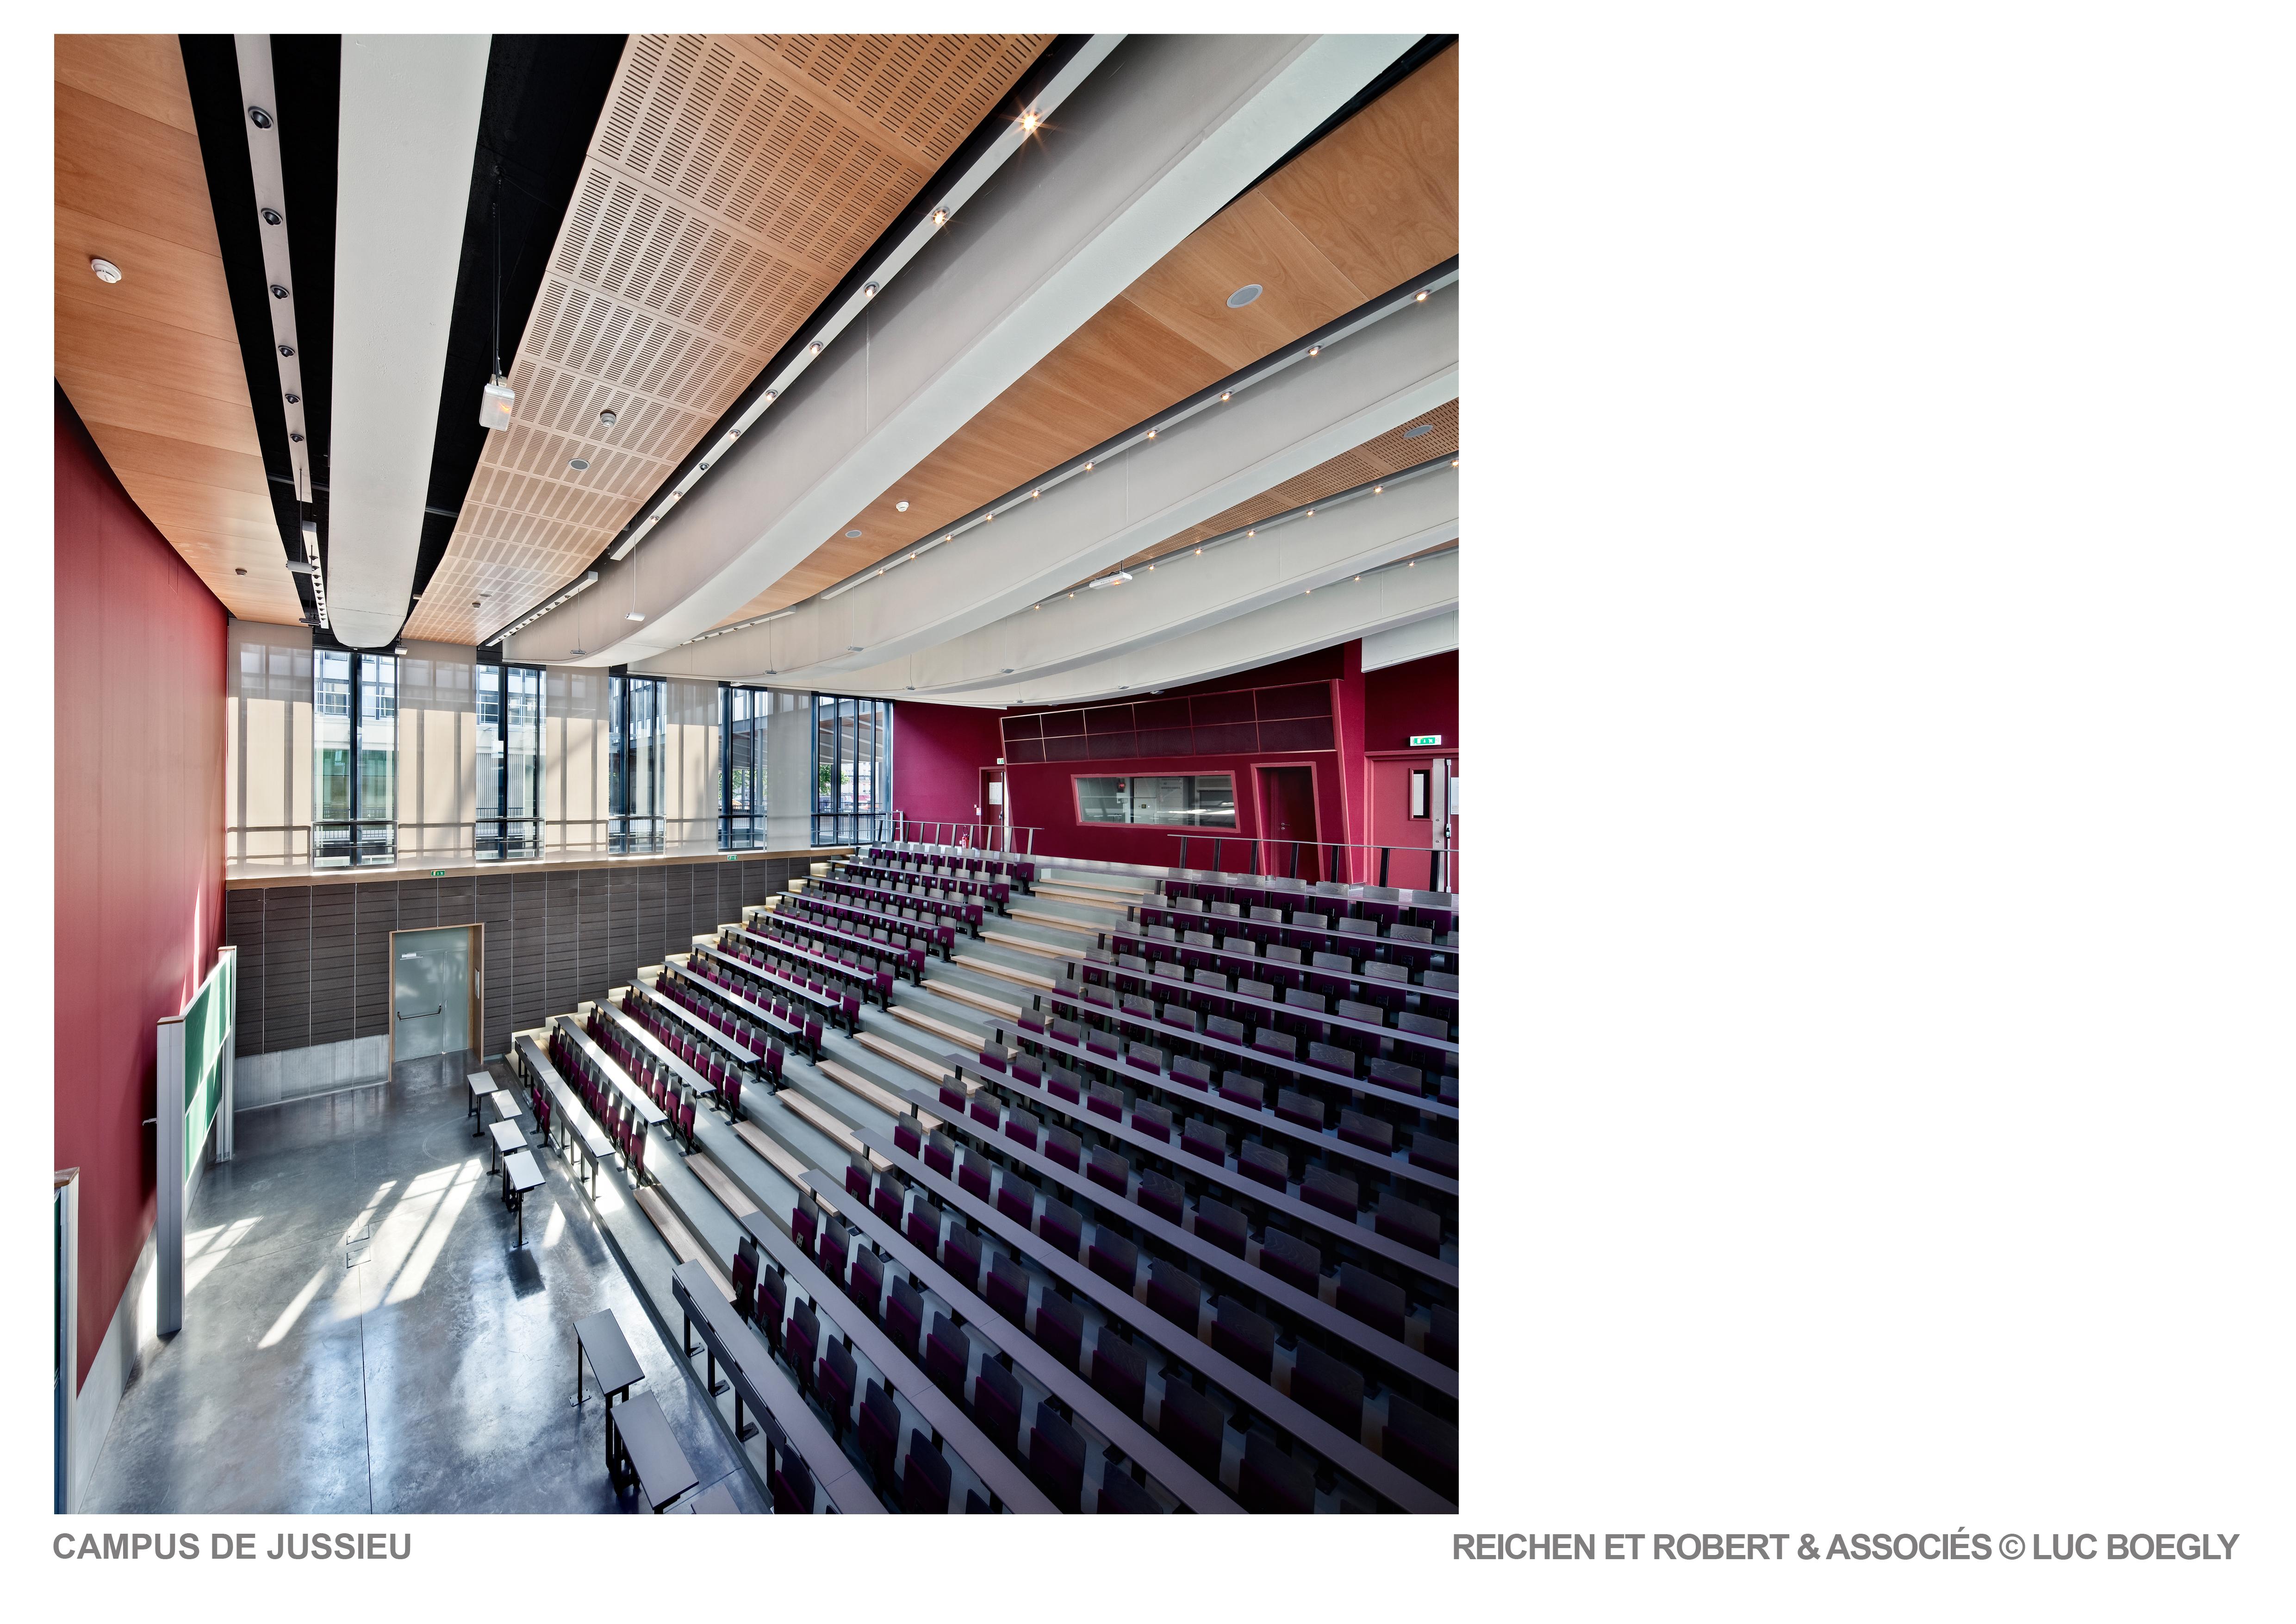 PARIS 5ème - Campus de Jussieu